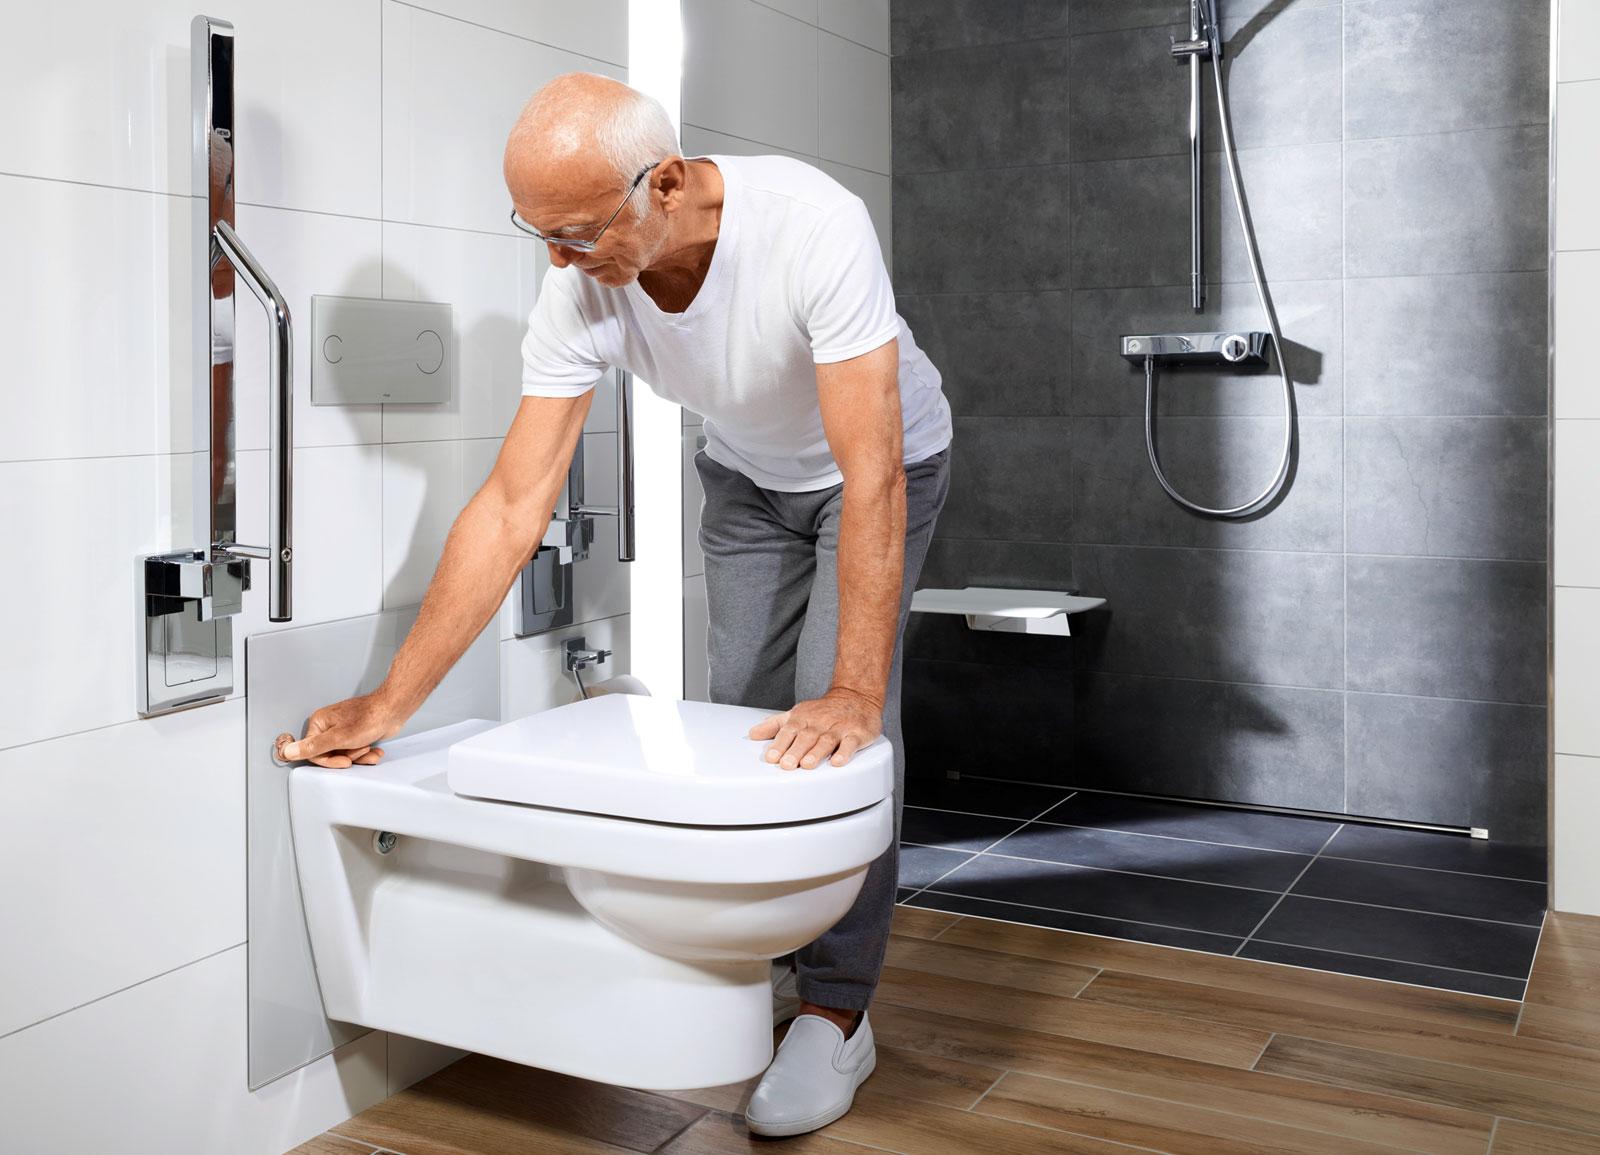 lazienka dla seniora rozwiazania sanitarne viega przystosowane do wieku uzytkownikow3 - Łazienka dla seniora - rozwiązania sanitarne Viega przystosowane do wieku użytkowników